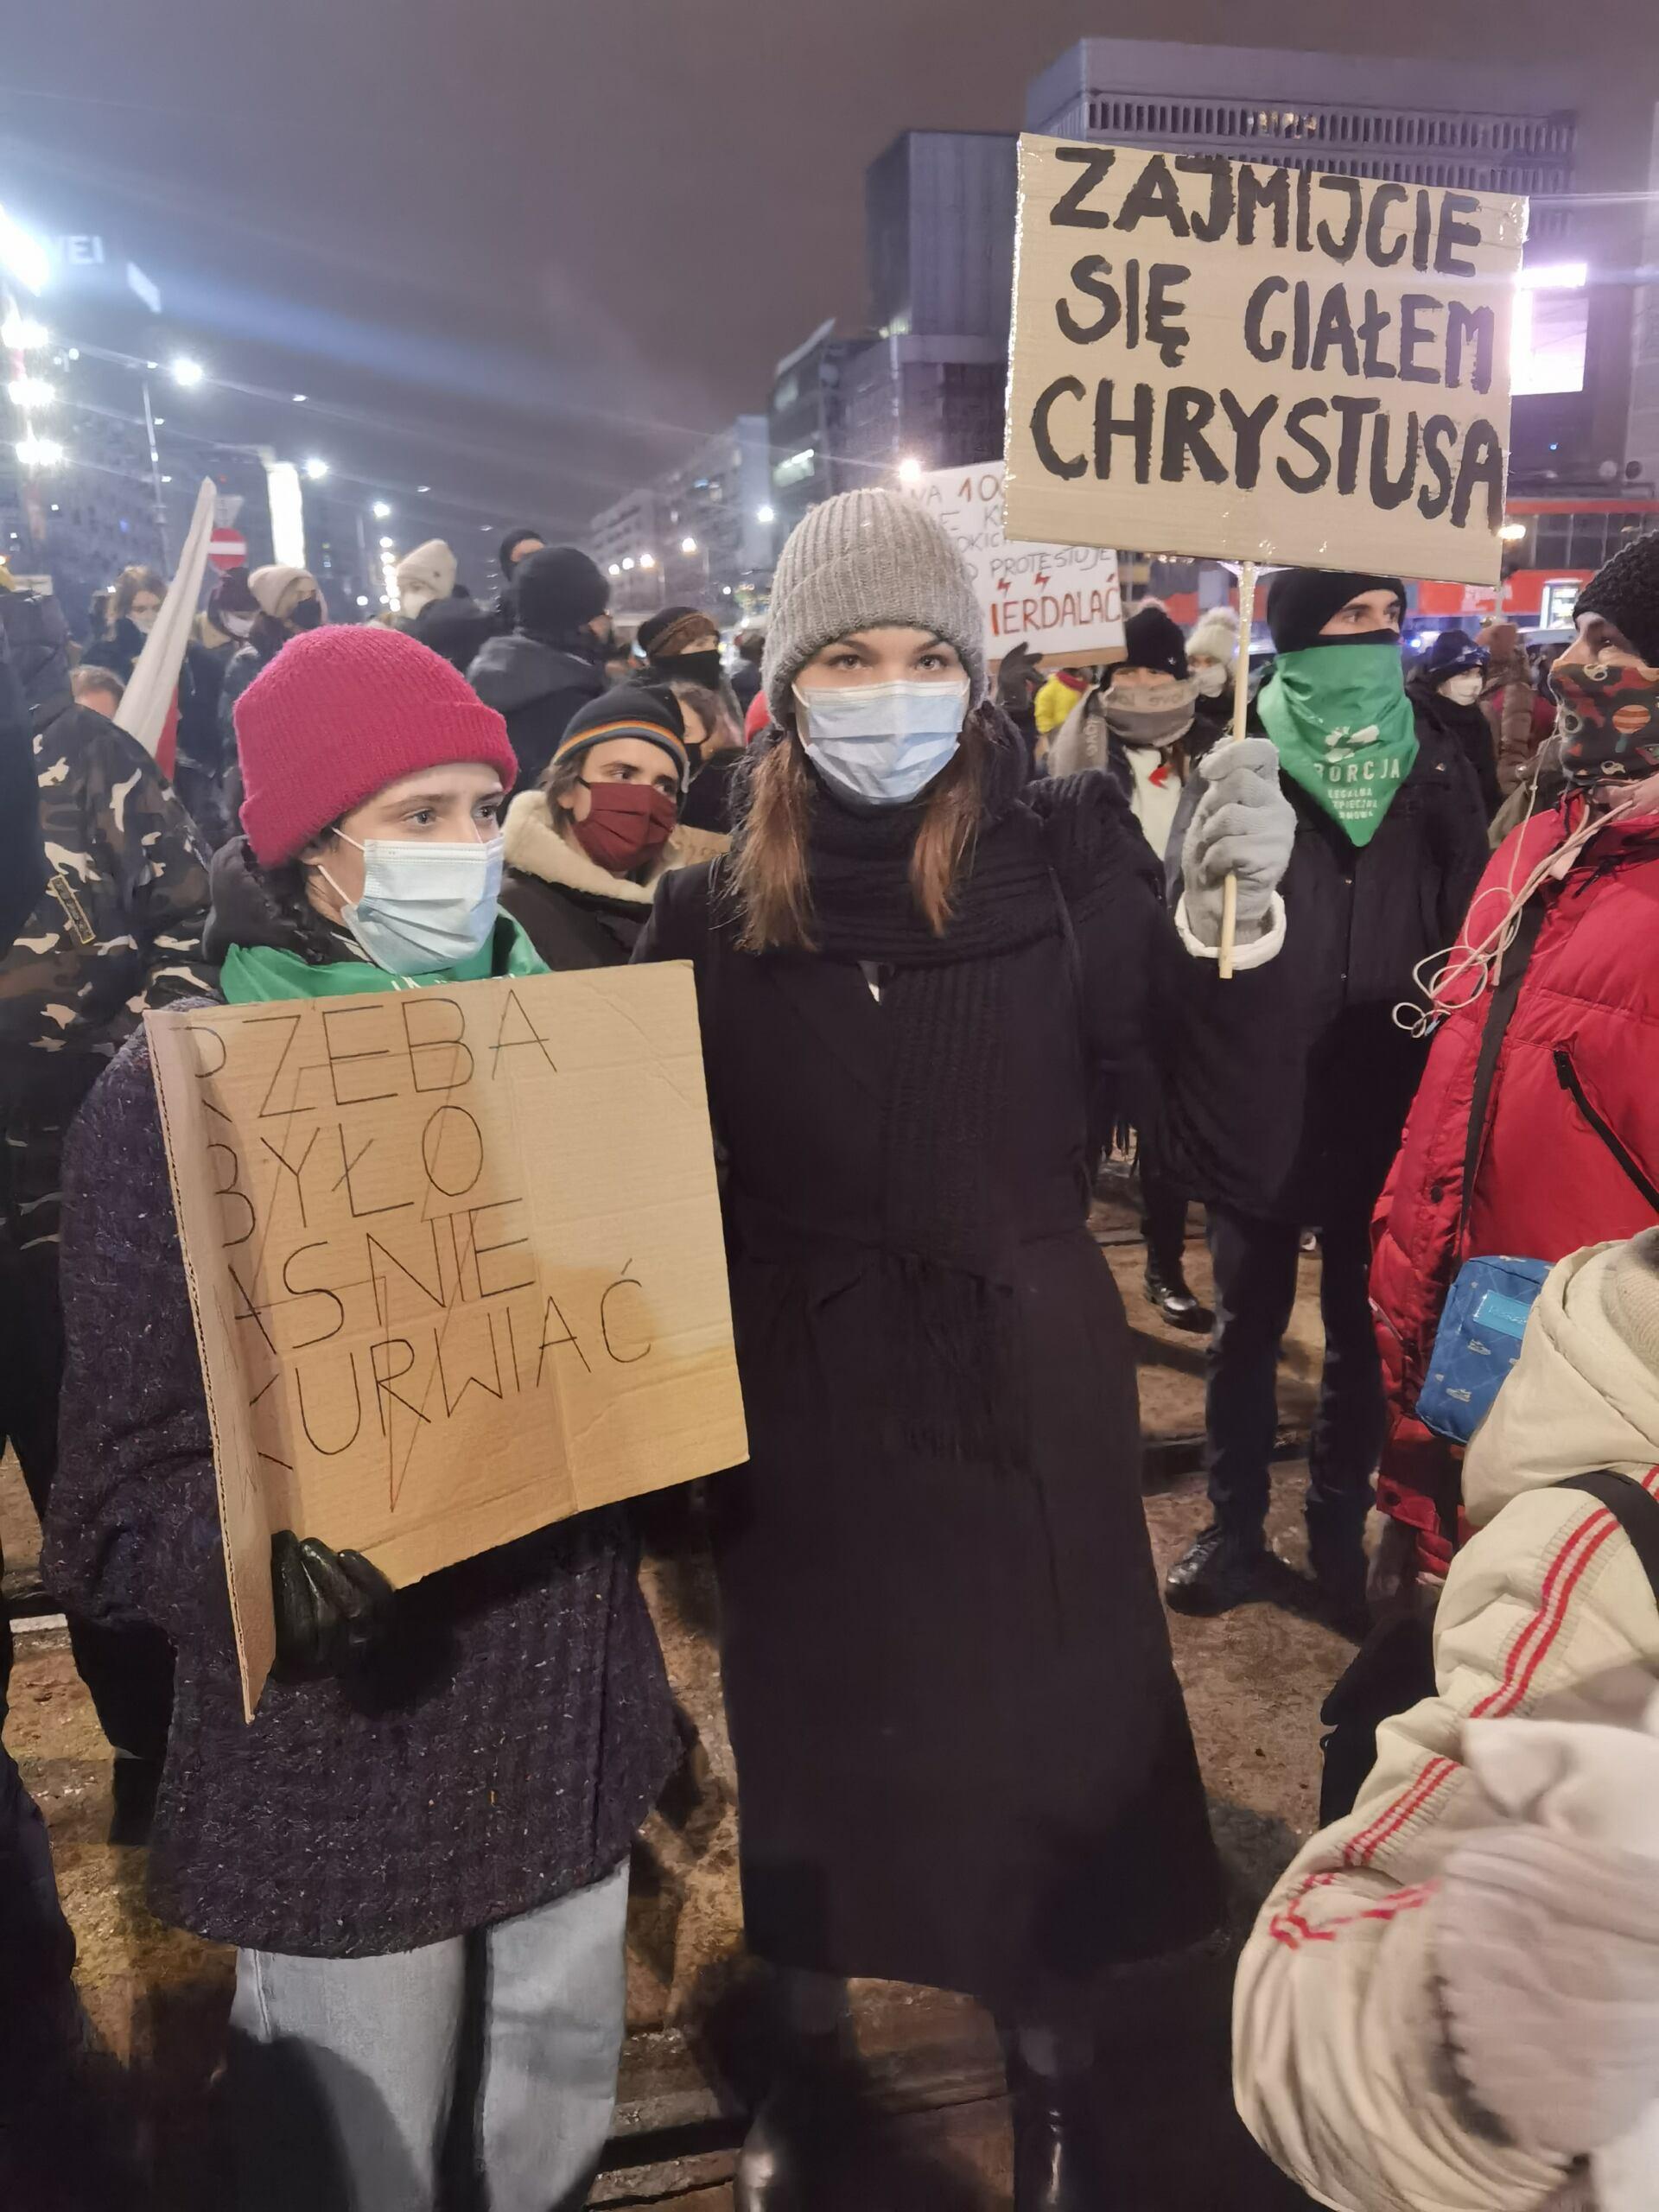 Zajmijcie się ciałem Chrystusa, Strajk Kobiet, 29 stycznia 2021, fot. Robert Jurszo